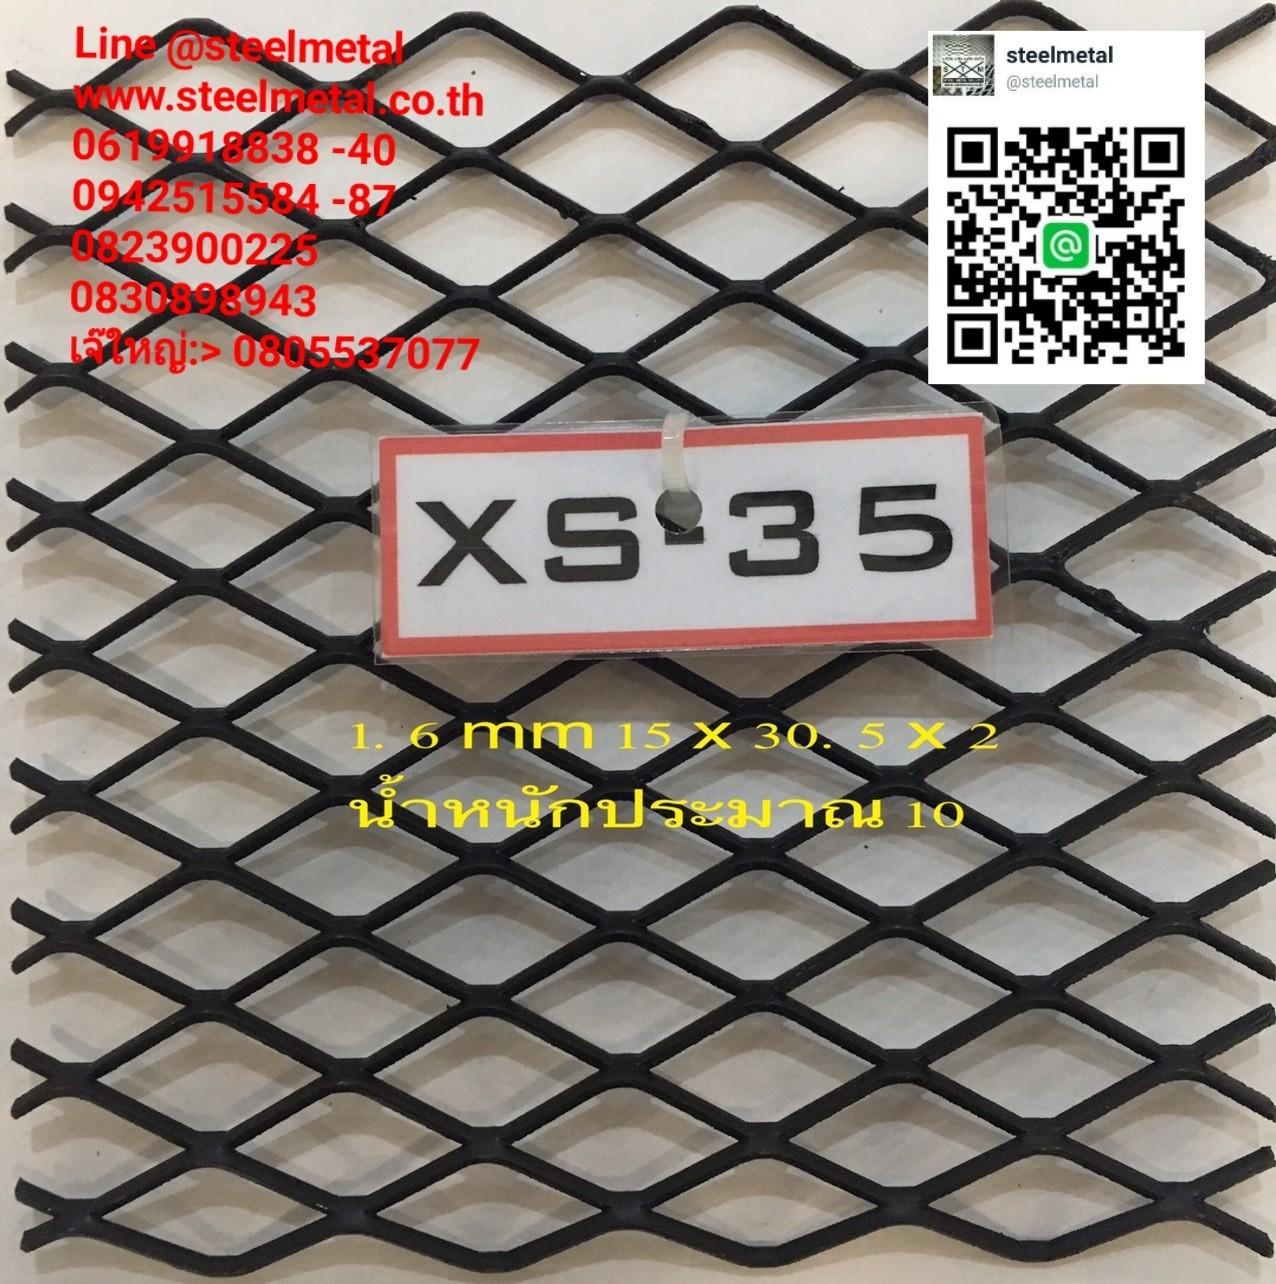 ตะแกรงเหล็กฉีกXS35